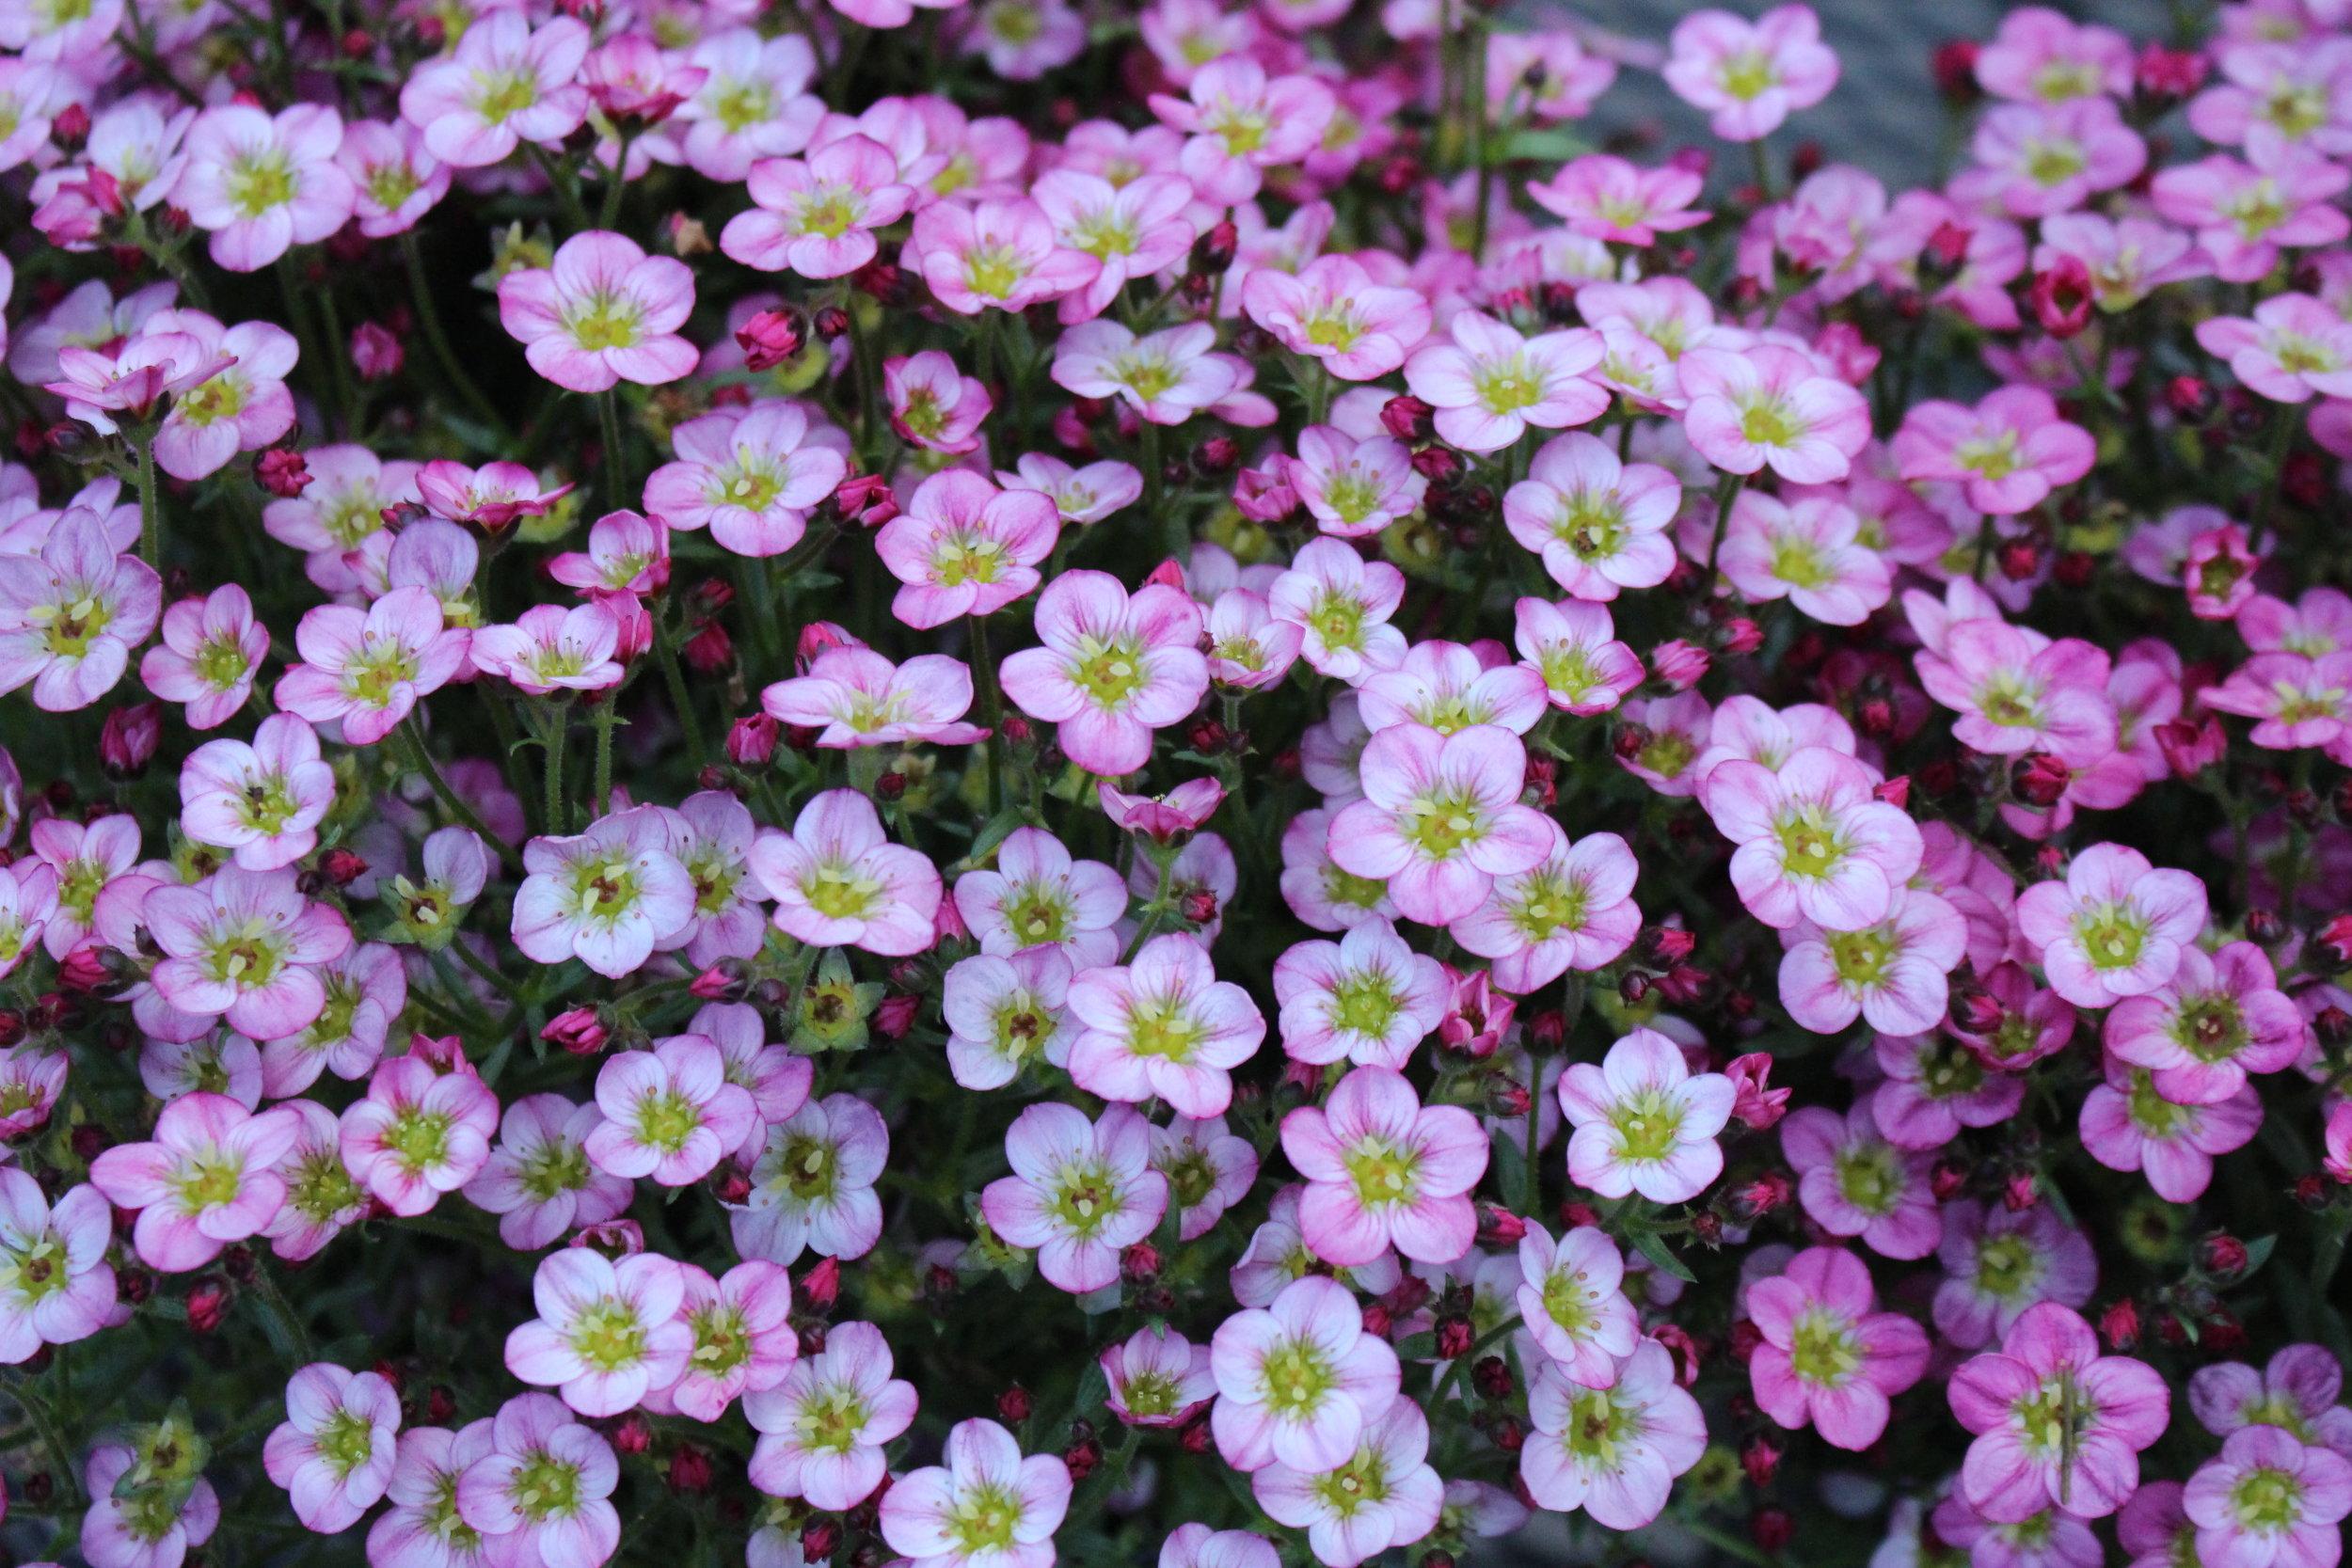 #49 Wax Flower, Chamelaucium